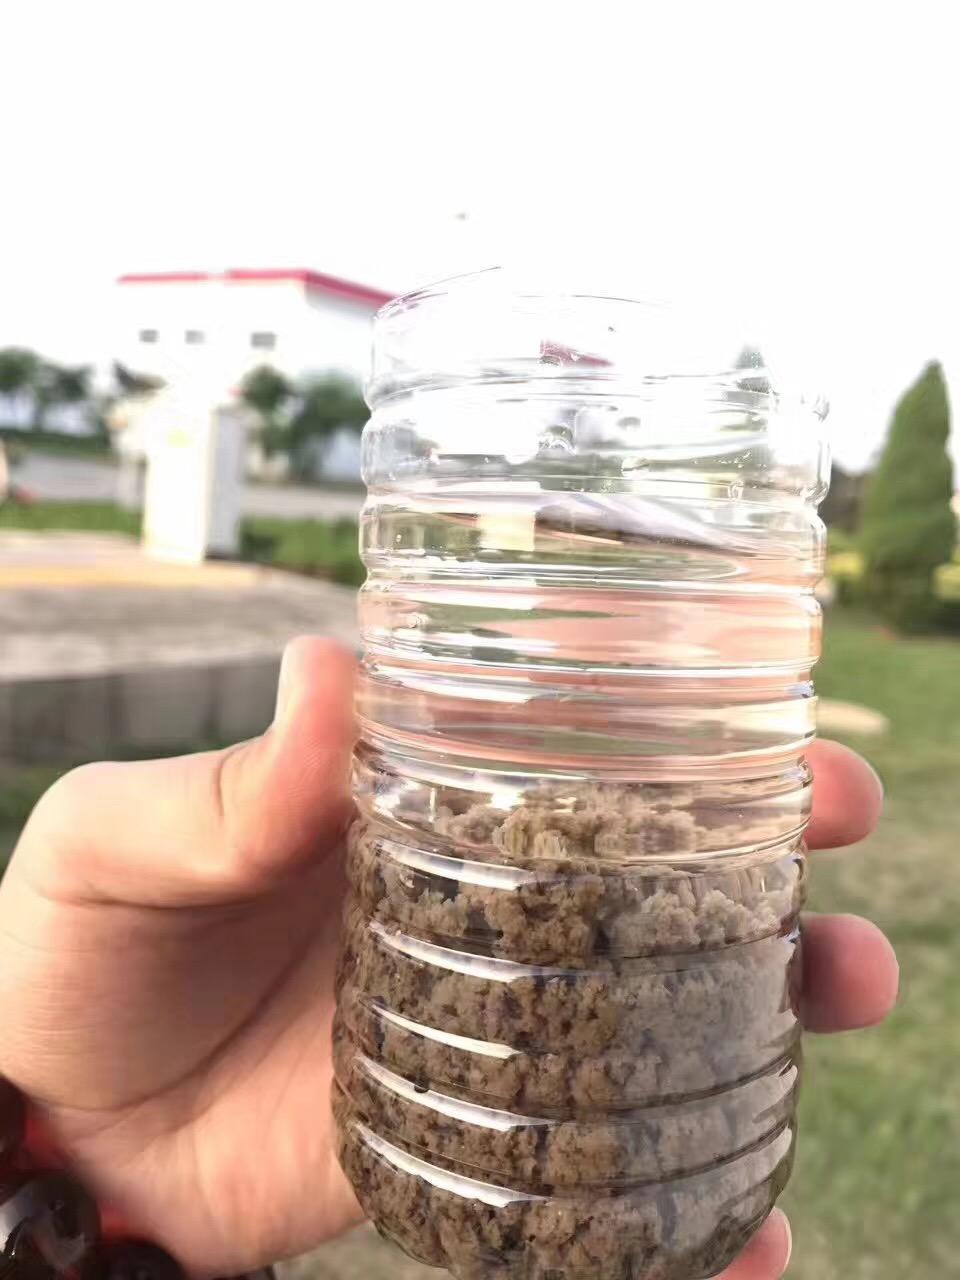 城固县PAC絮凝剂30%含量污水处理剂污水处理